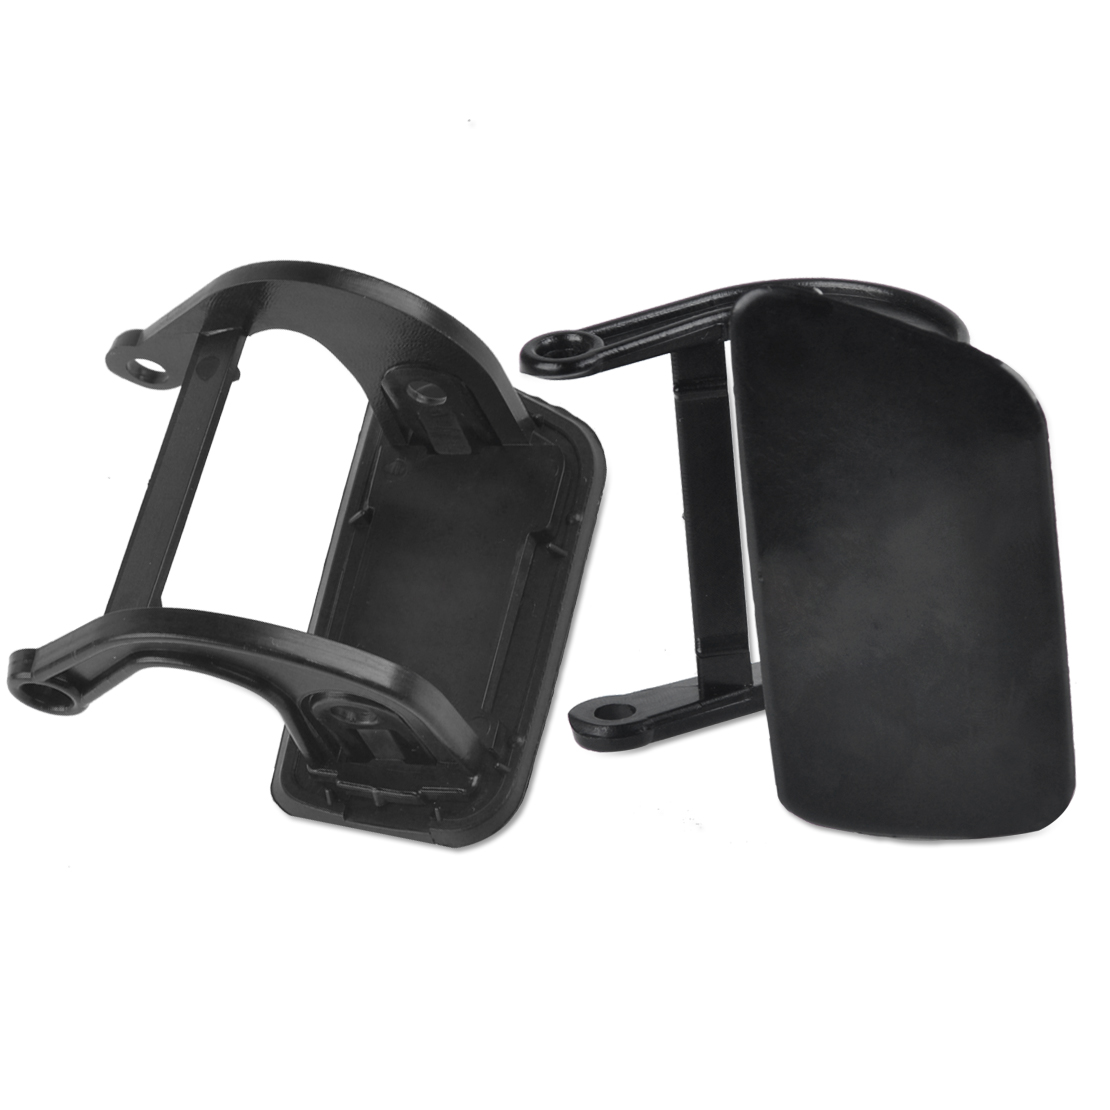 2x Headlight Washer Nozzle Cover Cap For BMW E60 E61 525i 528i 545i 550i 535xi